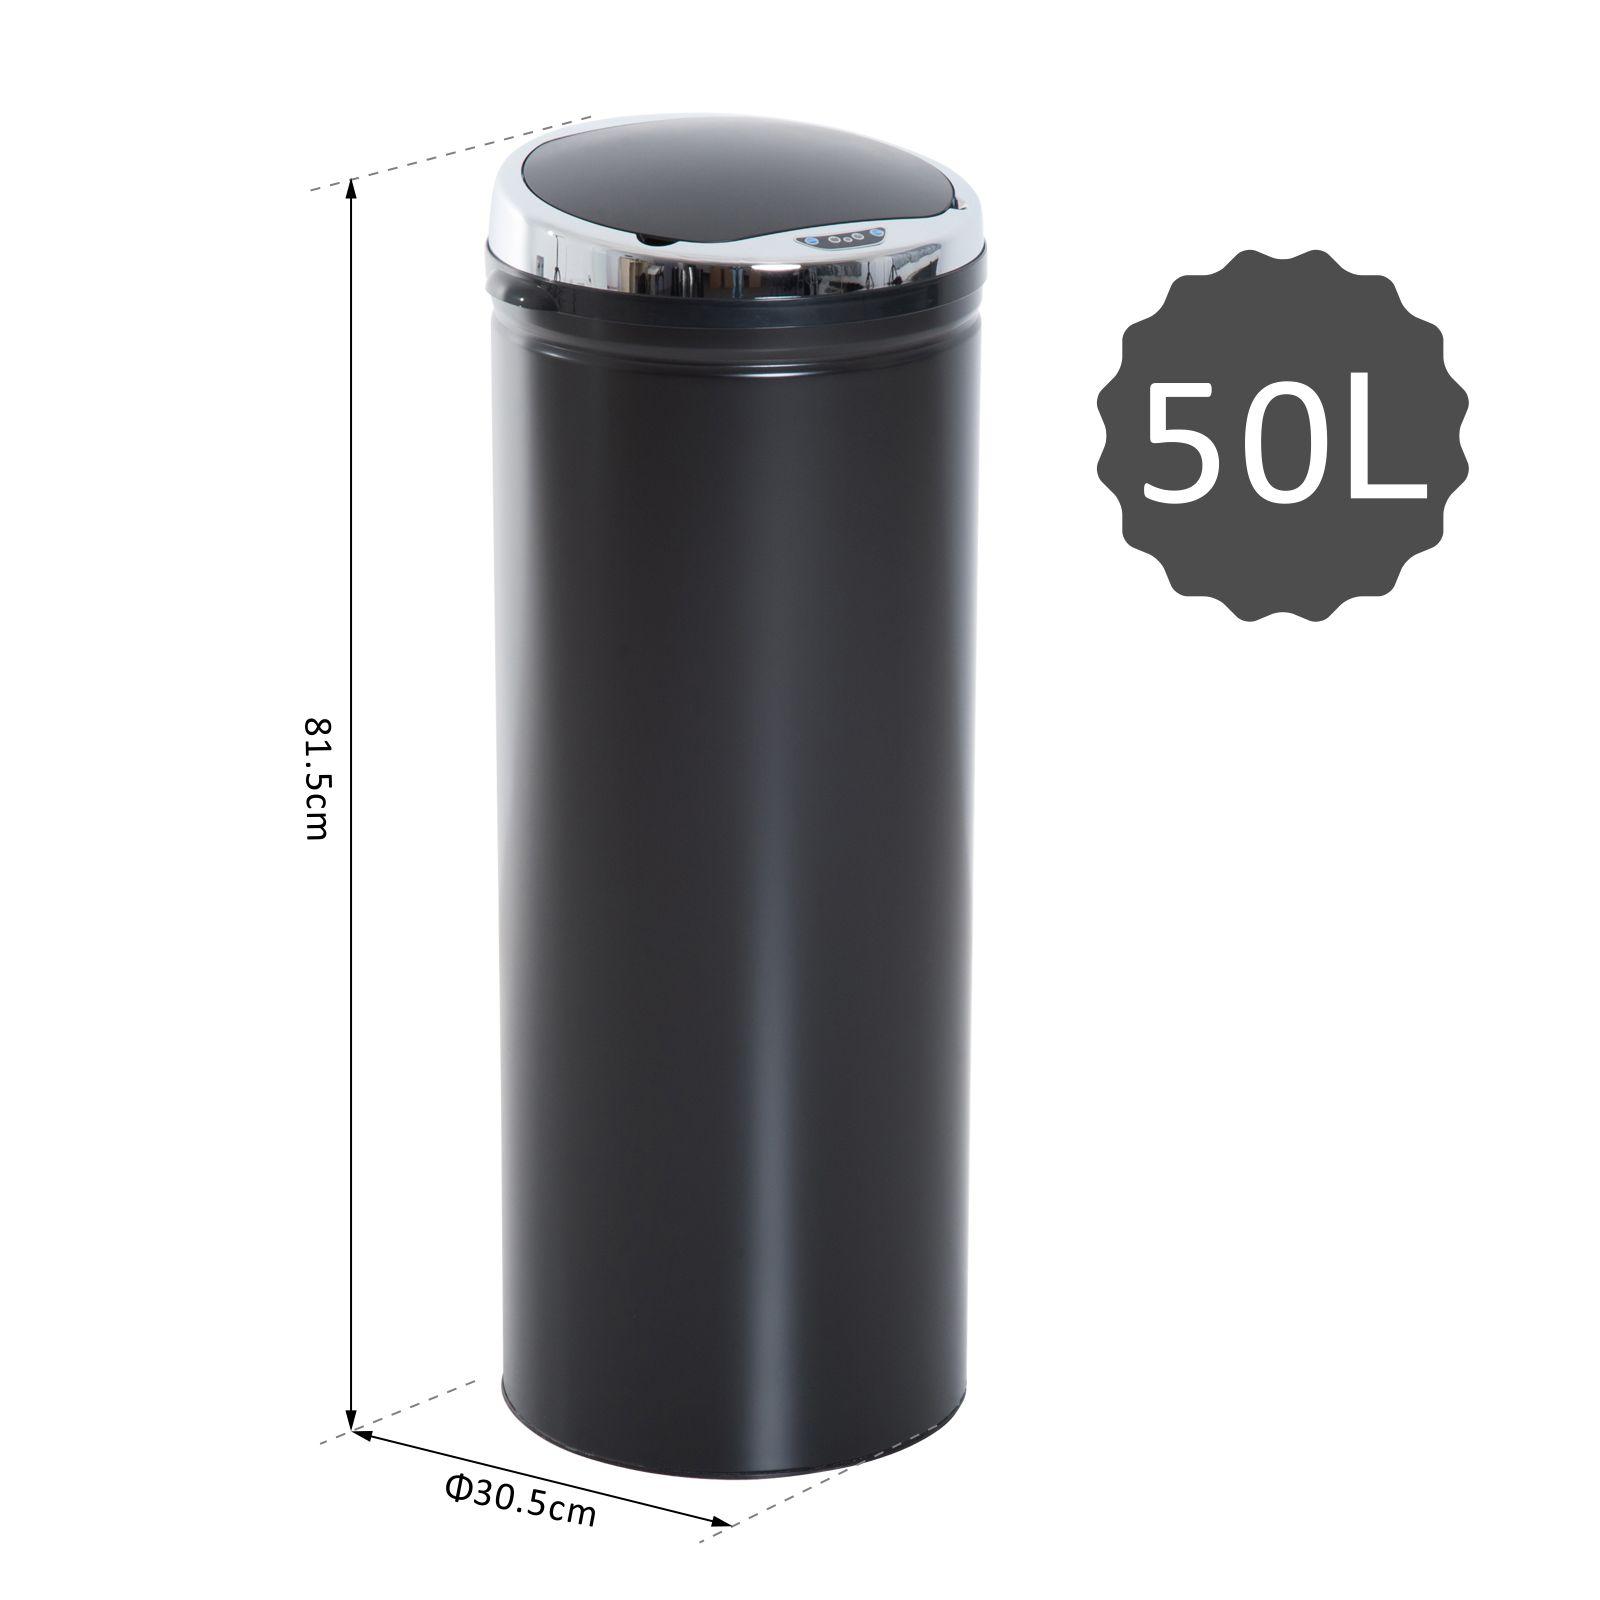 ACCIAIO-Inox-Automatico-Sensore-PATTUMIERA-IMMONDIZIA-SPAZZATURA-CUCINA-CESTINO-NUOVO miniatura 30